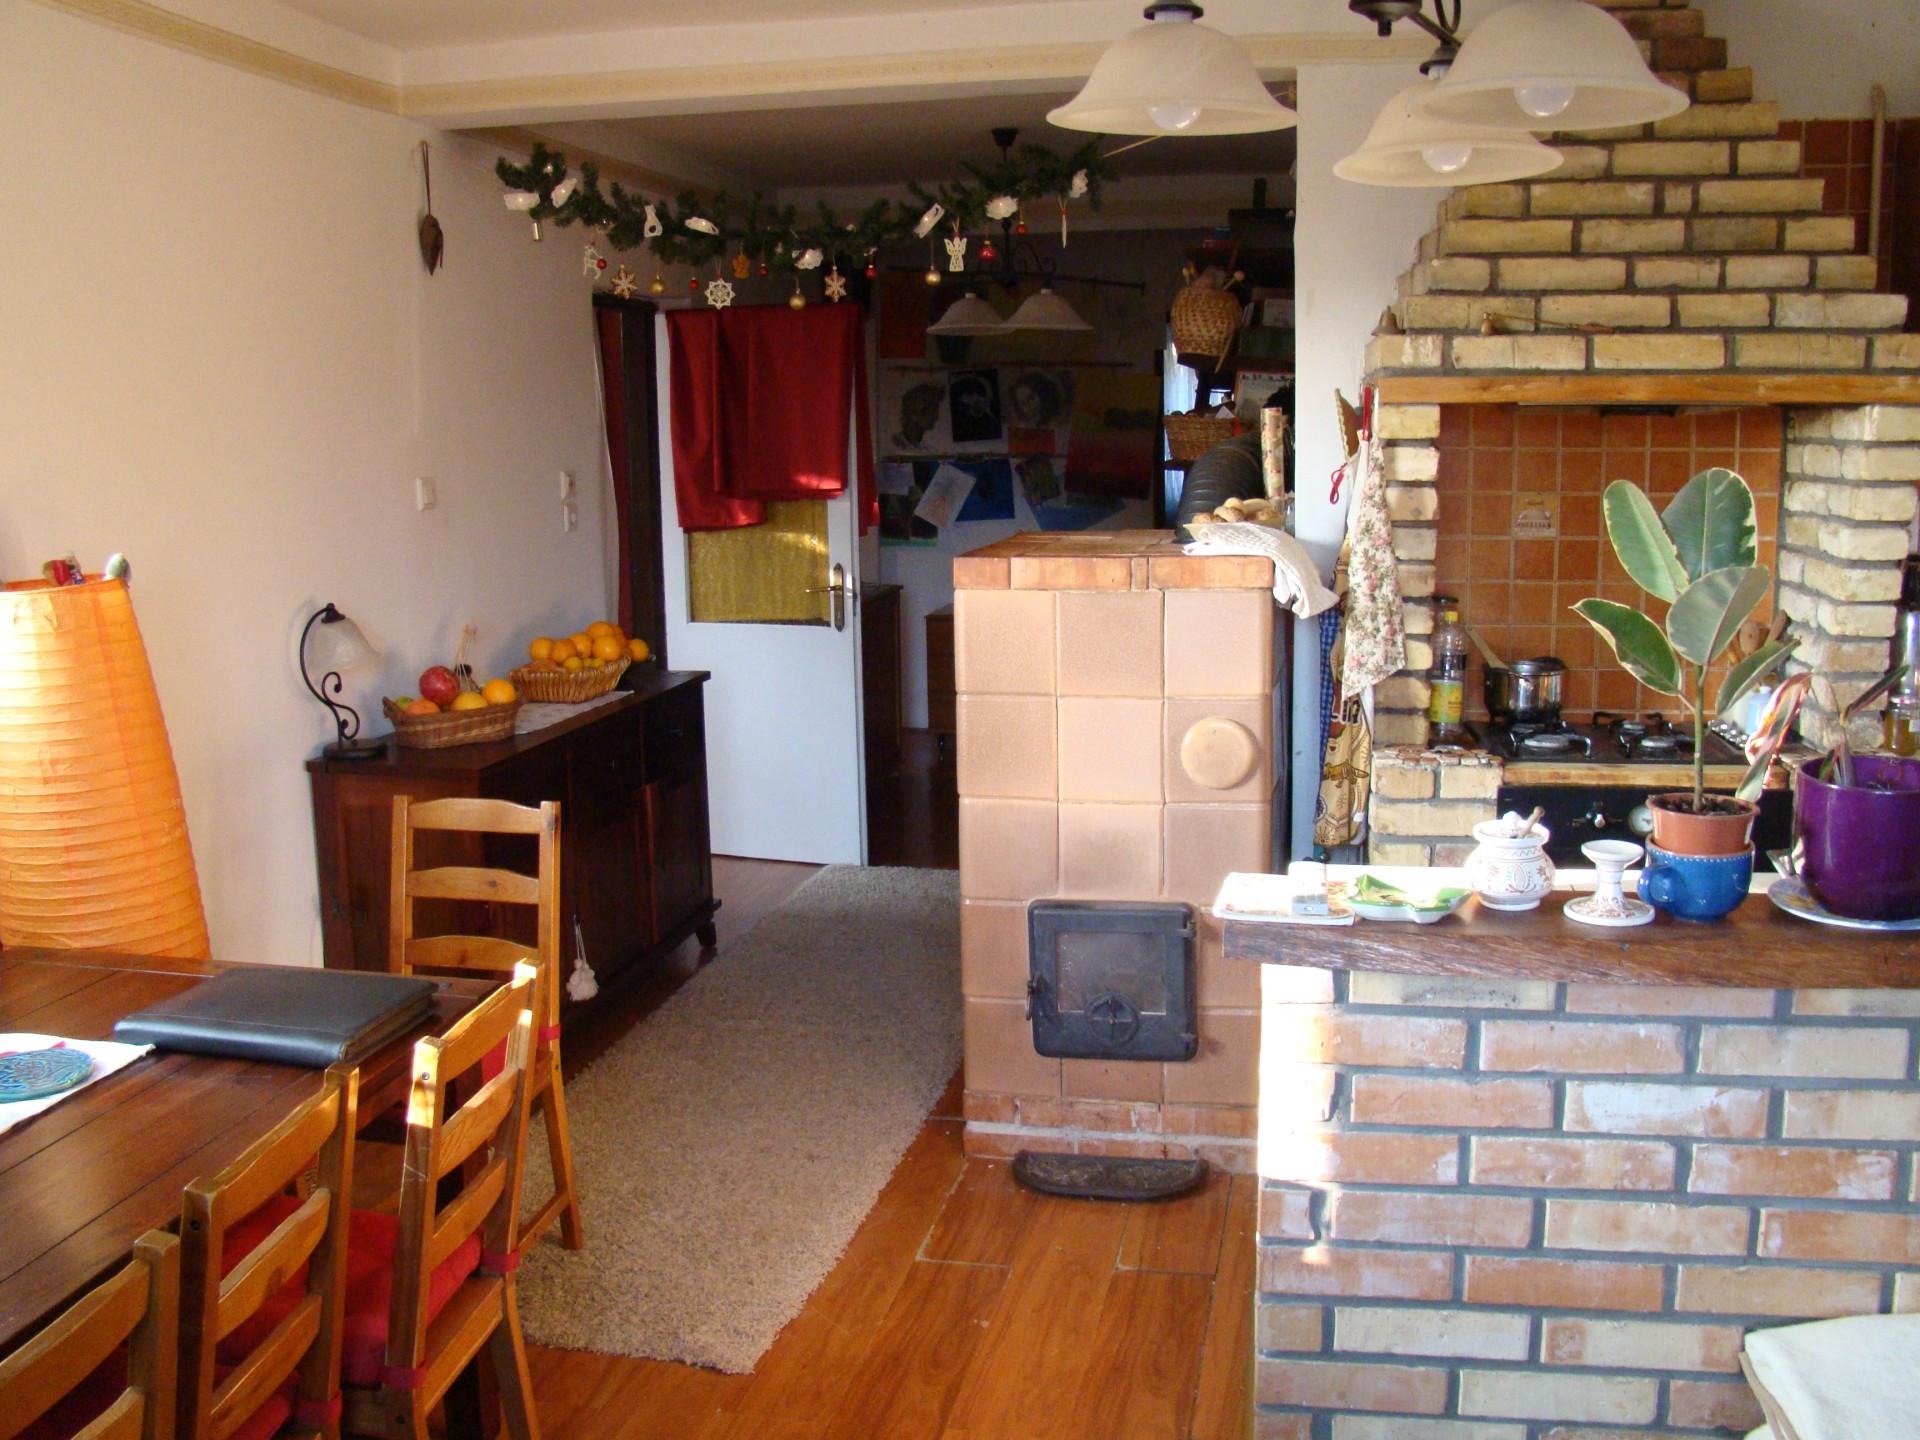 Eladó 1+4 szobás családi ház Veszprém Dózsaváros kertvárosában